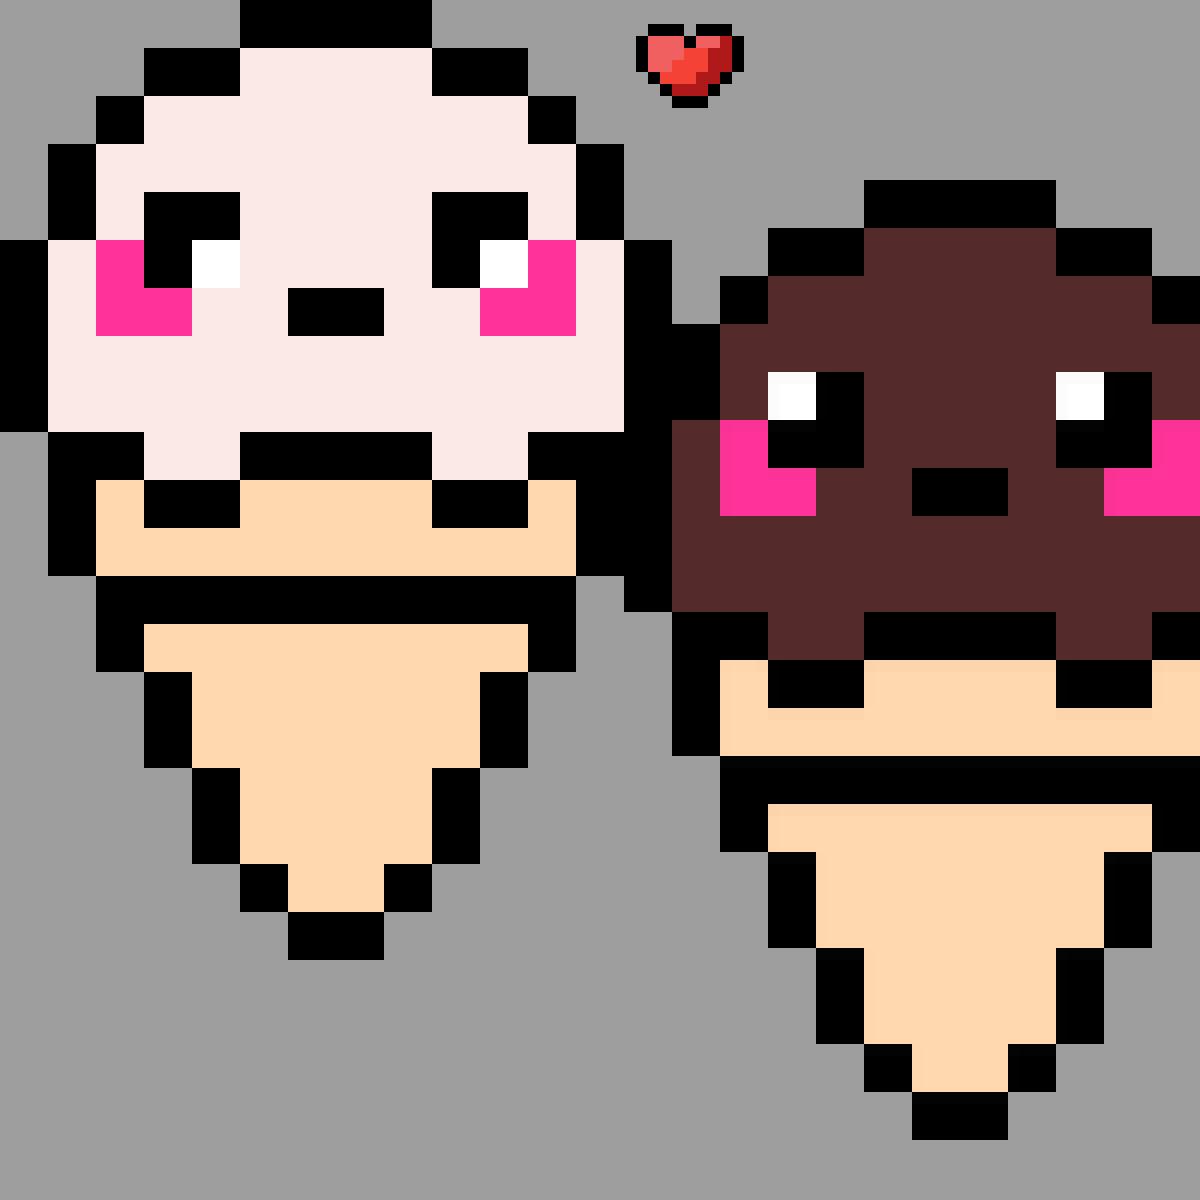 Ice cream by viczim23